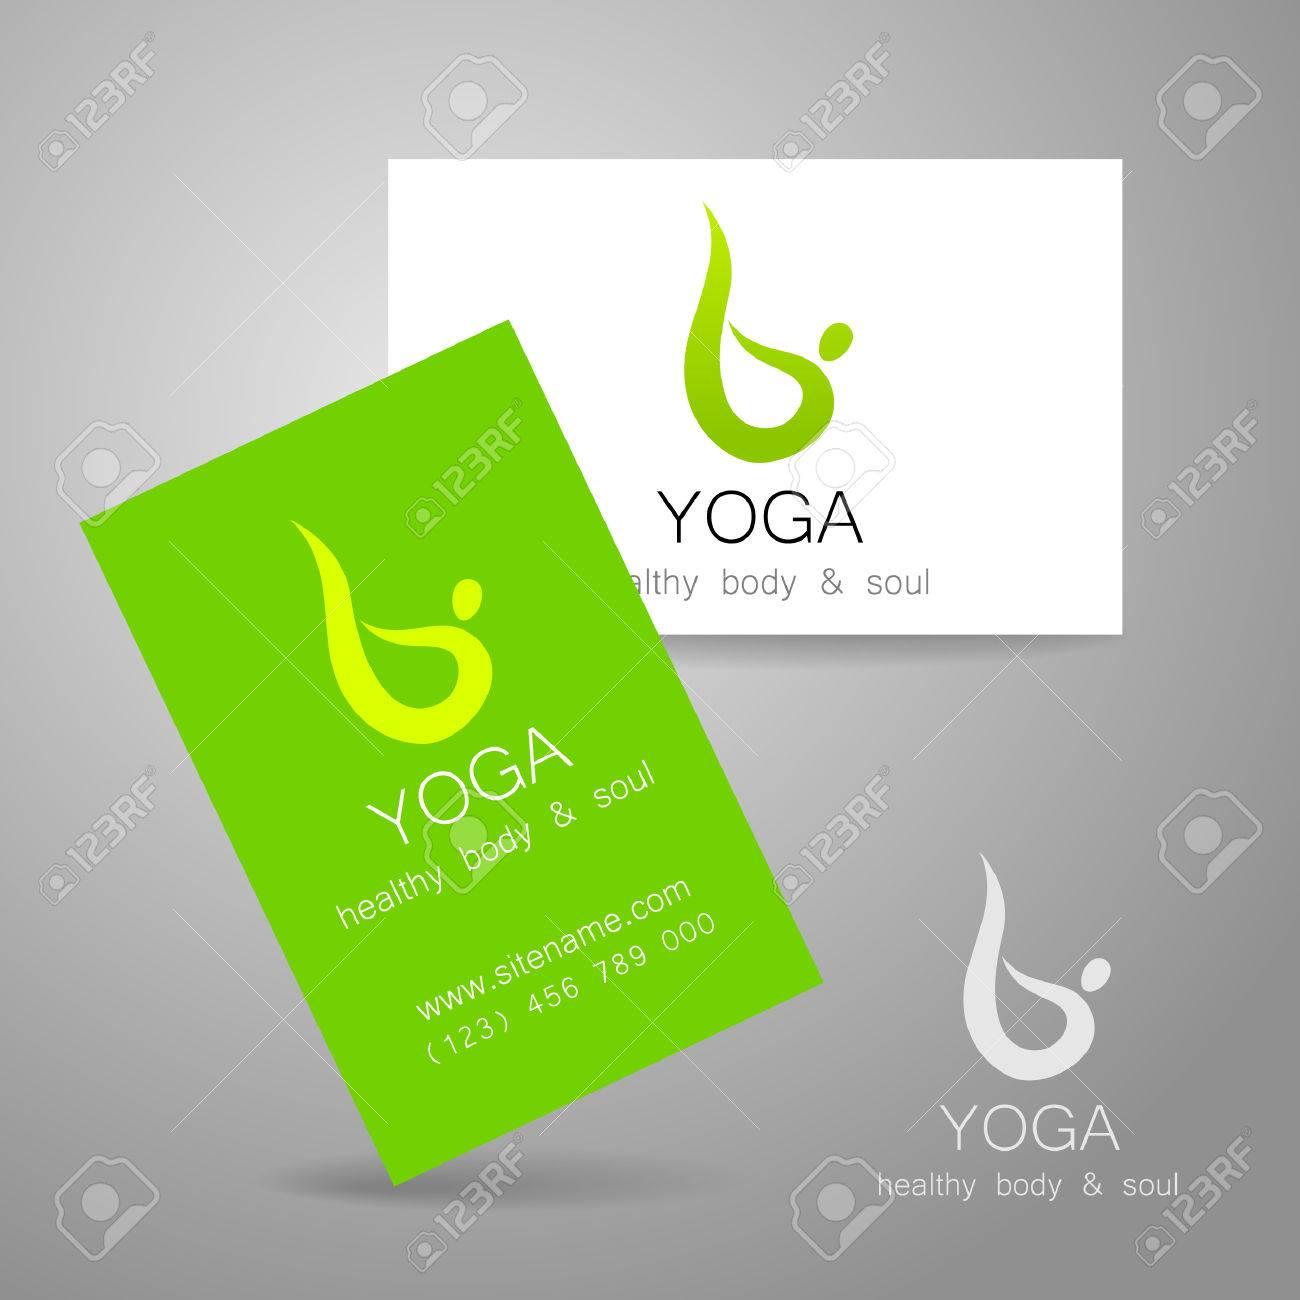 Logotipo De La Yoga - Diseño De La Muestra Y Tarjetas De Visita ...